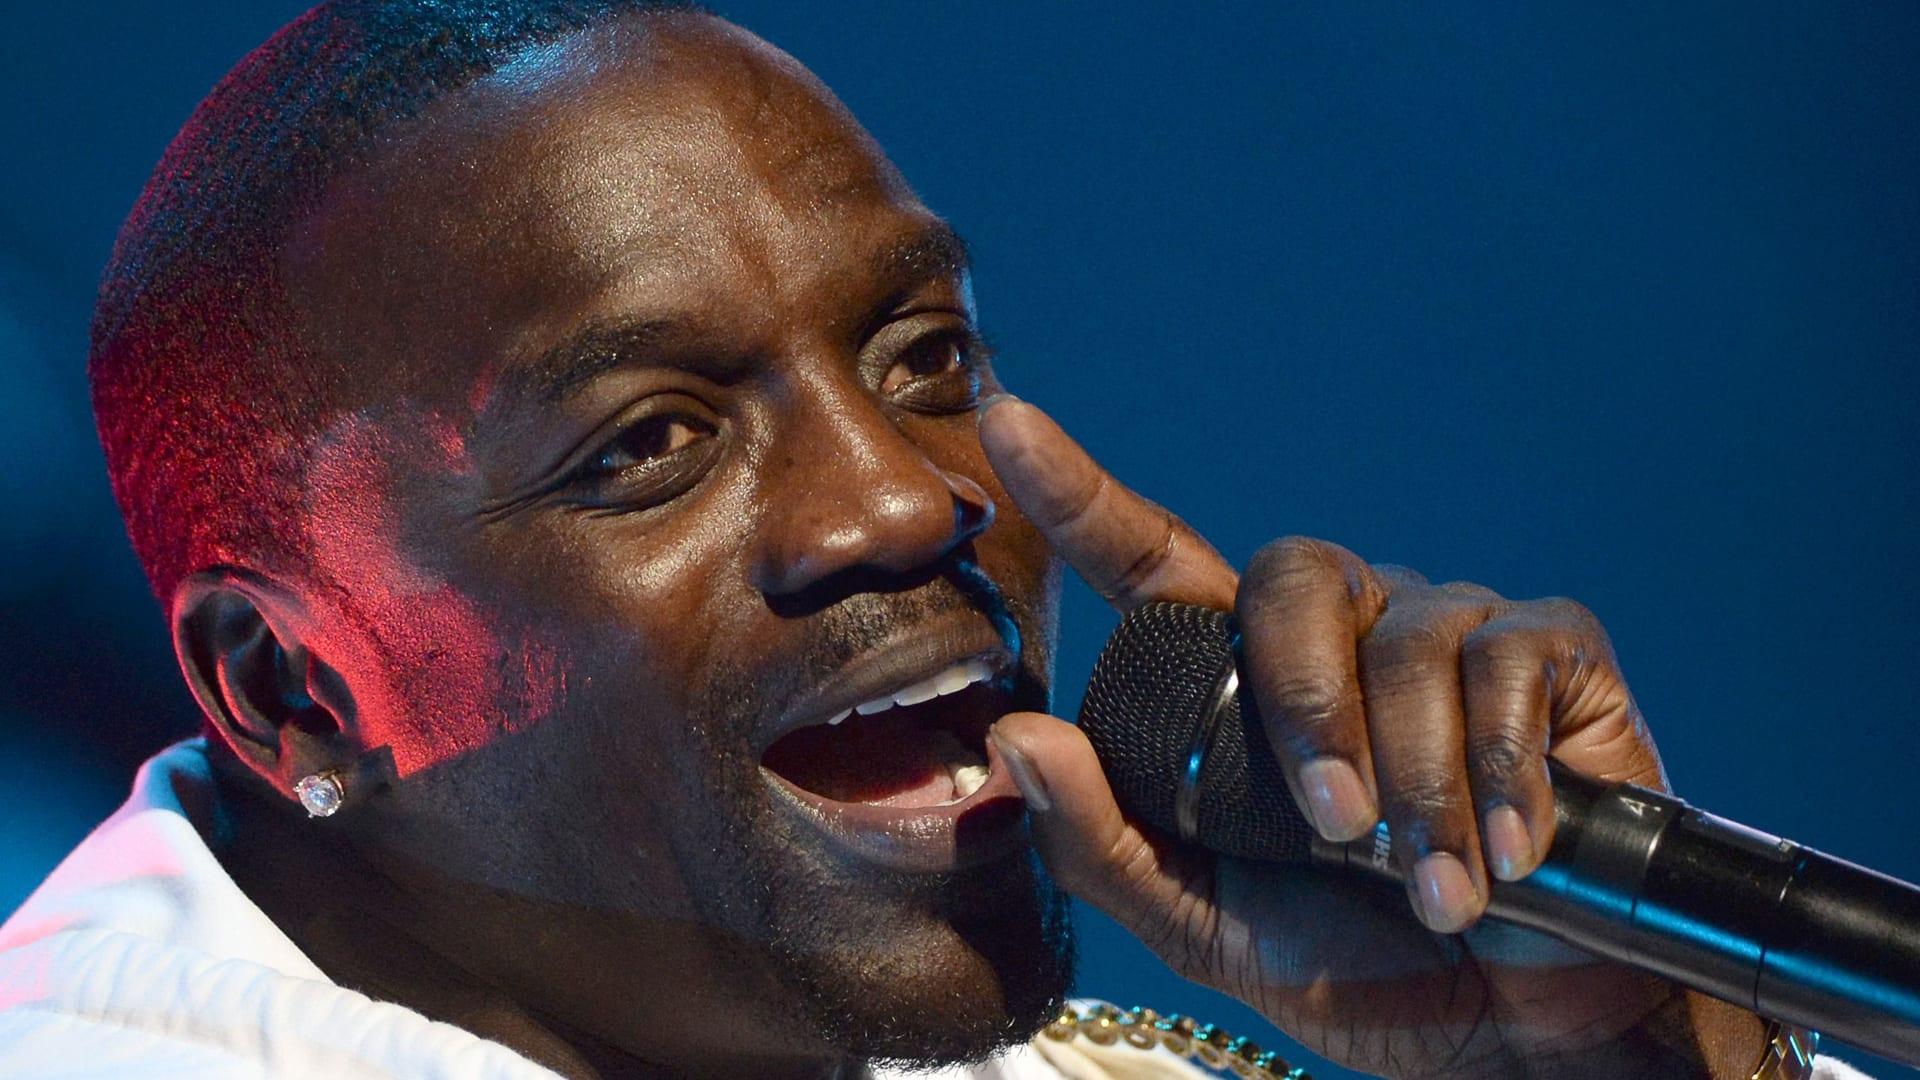 """نسخة حقيقية من """"واكاندا"""".. المغني إيكون يخطط لبناء مدينة مستقبلية قيمتها 6 مليار دولار في السنغال"""